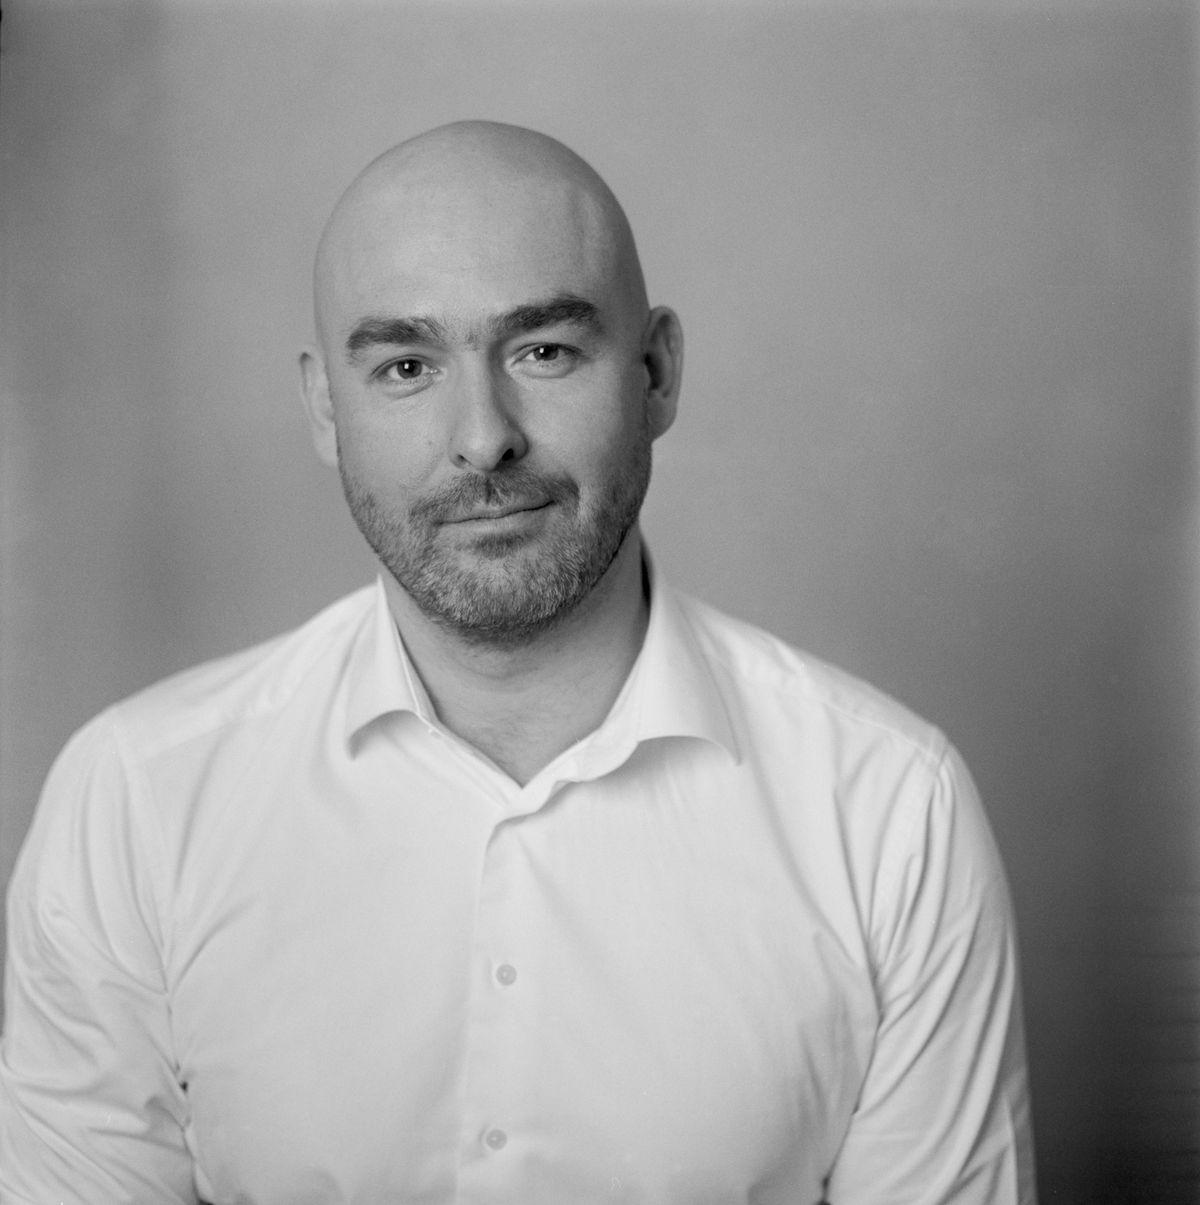 Lukas Rekevičius